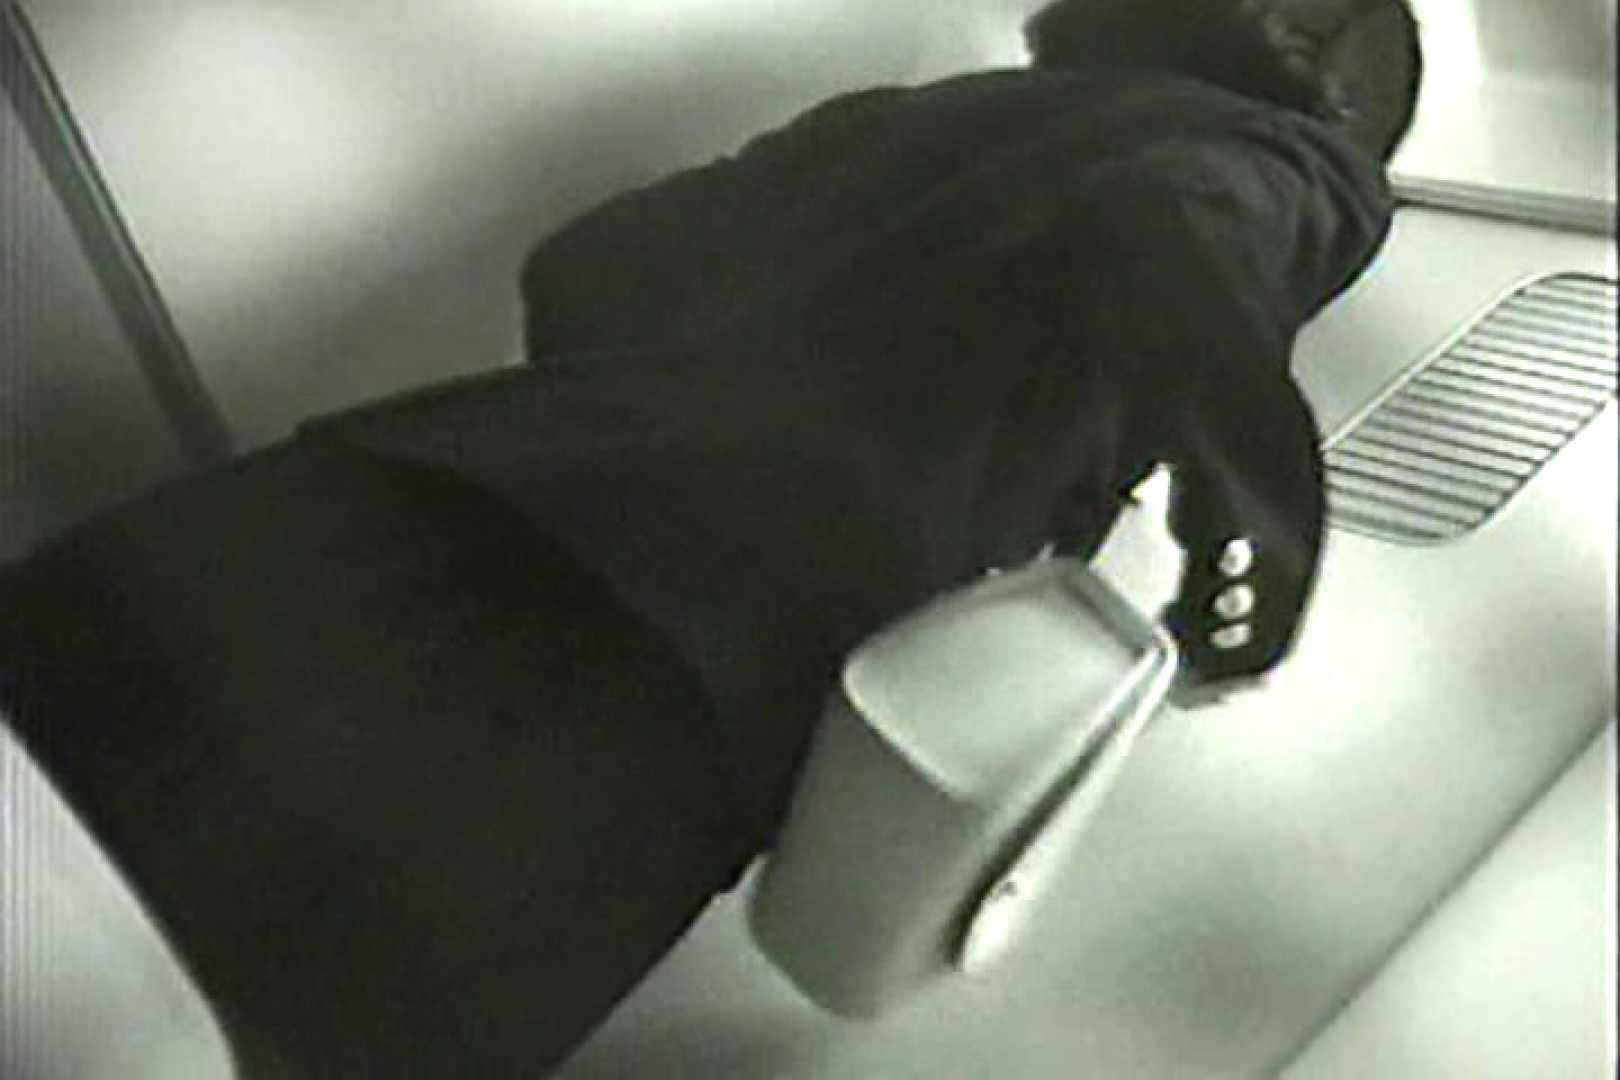 車内洗面所盗撮 電車ゆれればお尻もゆれる TK-98 盗撮 おまんこ無修正動画無料 102pic 92